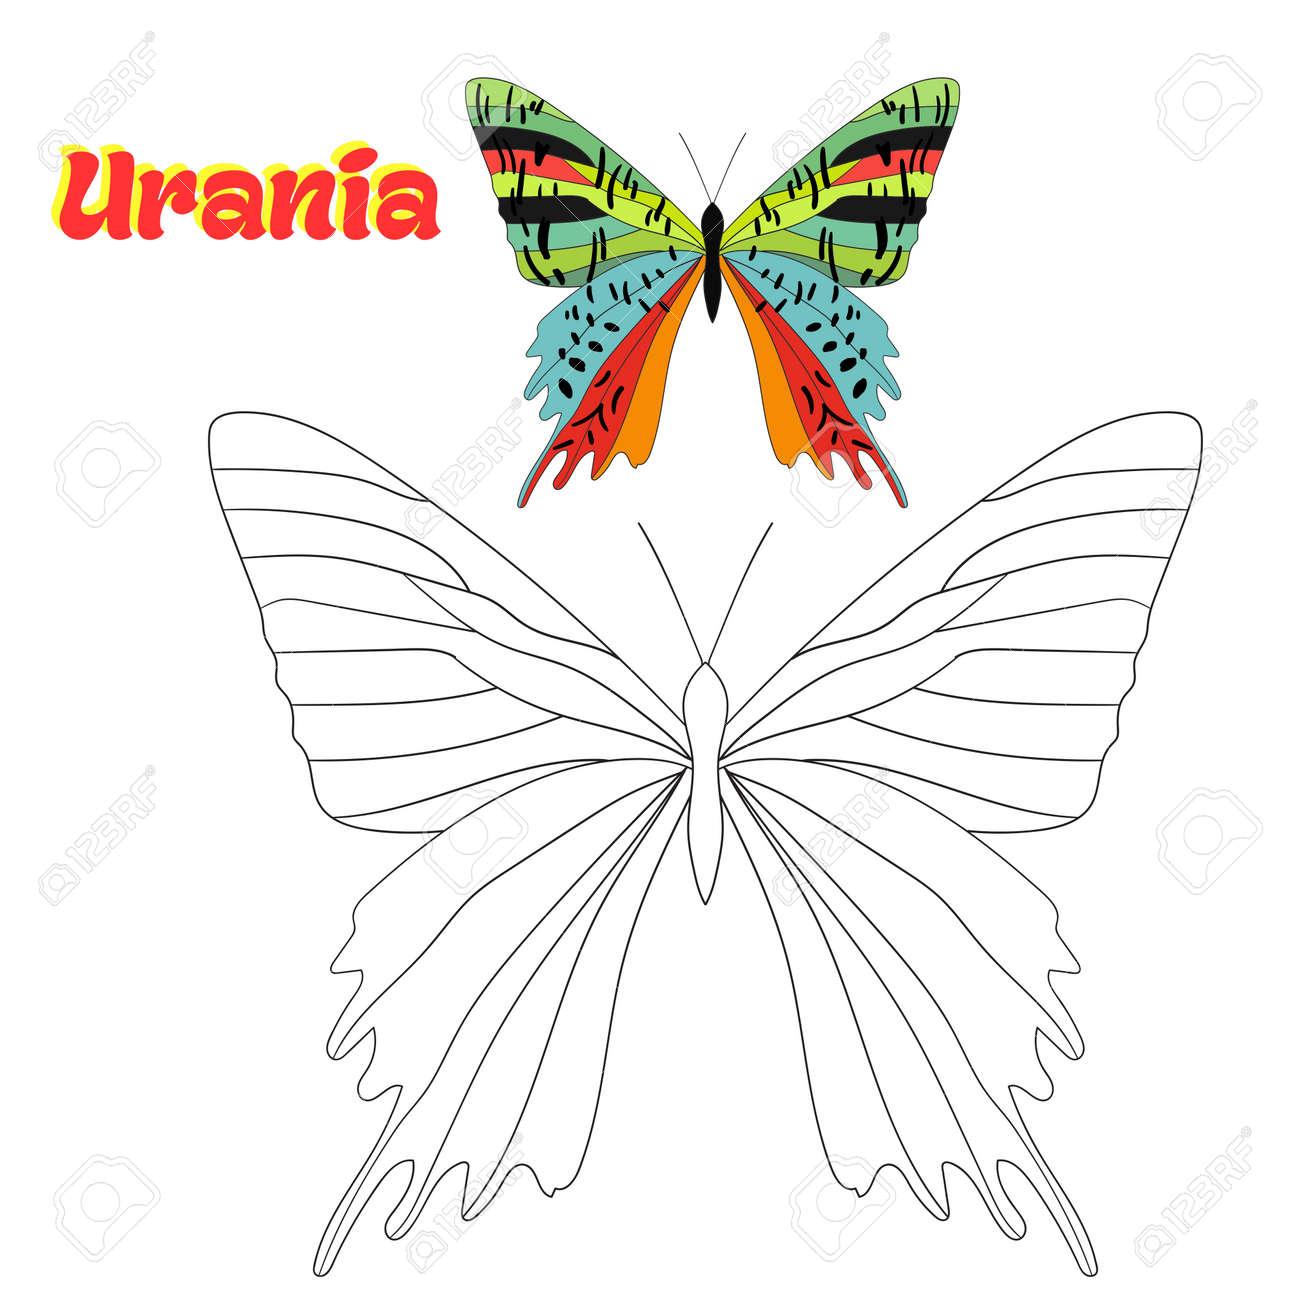 Juego Educativo Para Niños Para Colorear Libro Mariposa Bosquejo De